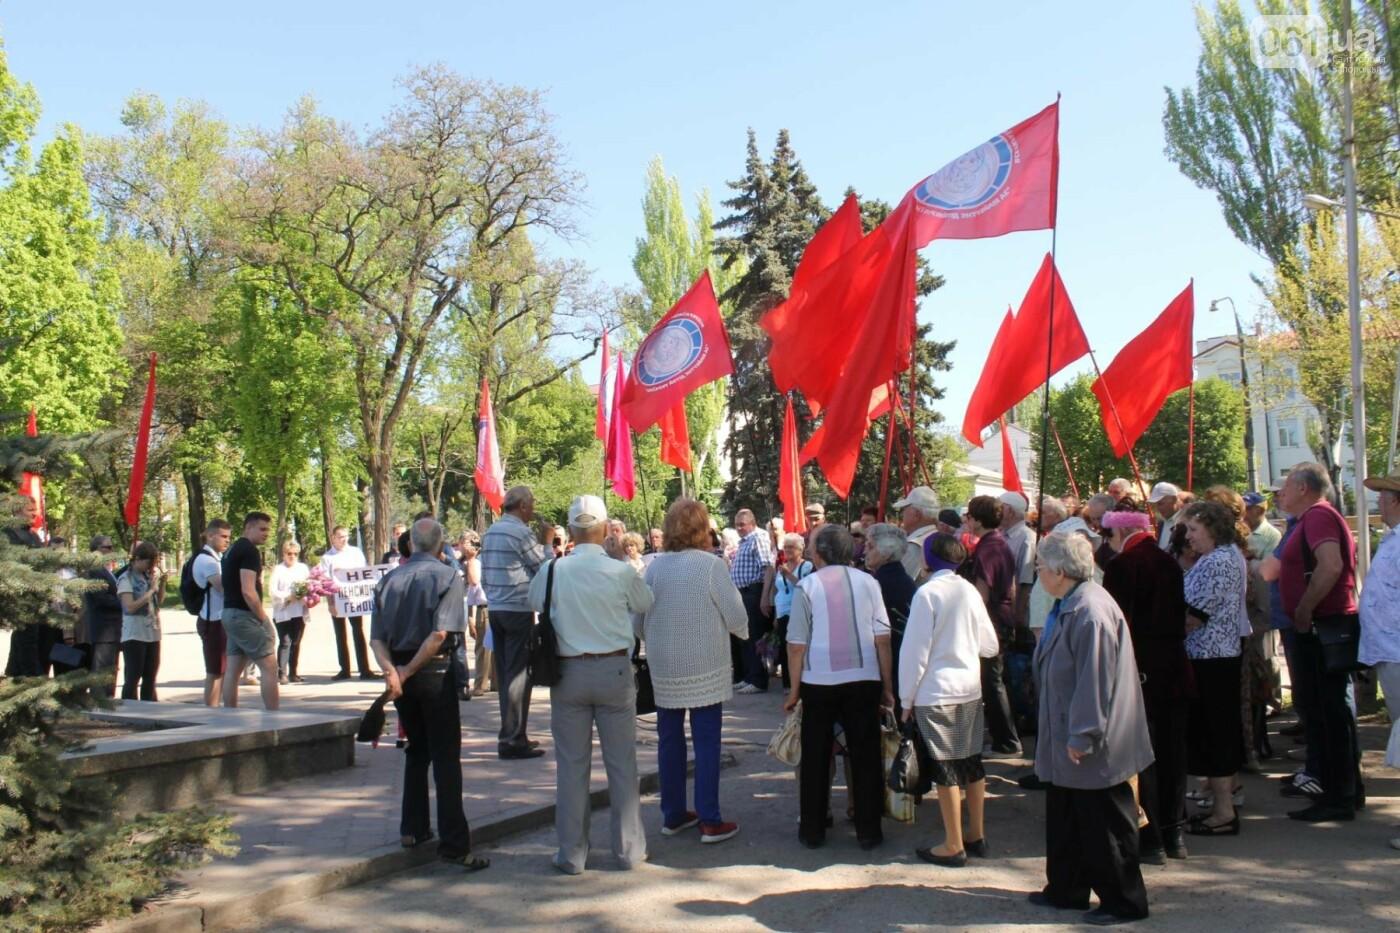 Запорожские коммунисты с красными флагами провели митинг к 1 мая: к «вечному огню» на Свободы пришли полсотни людей, – ФОТОРЕПОРТАЖ, фото-1